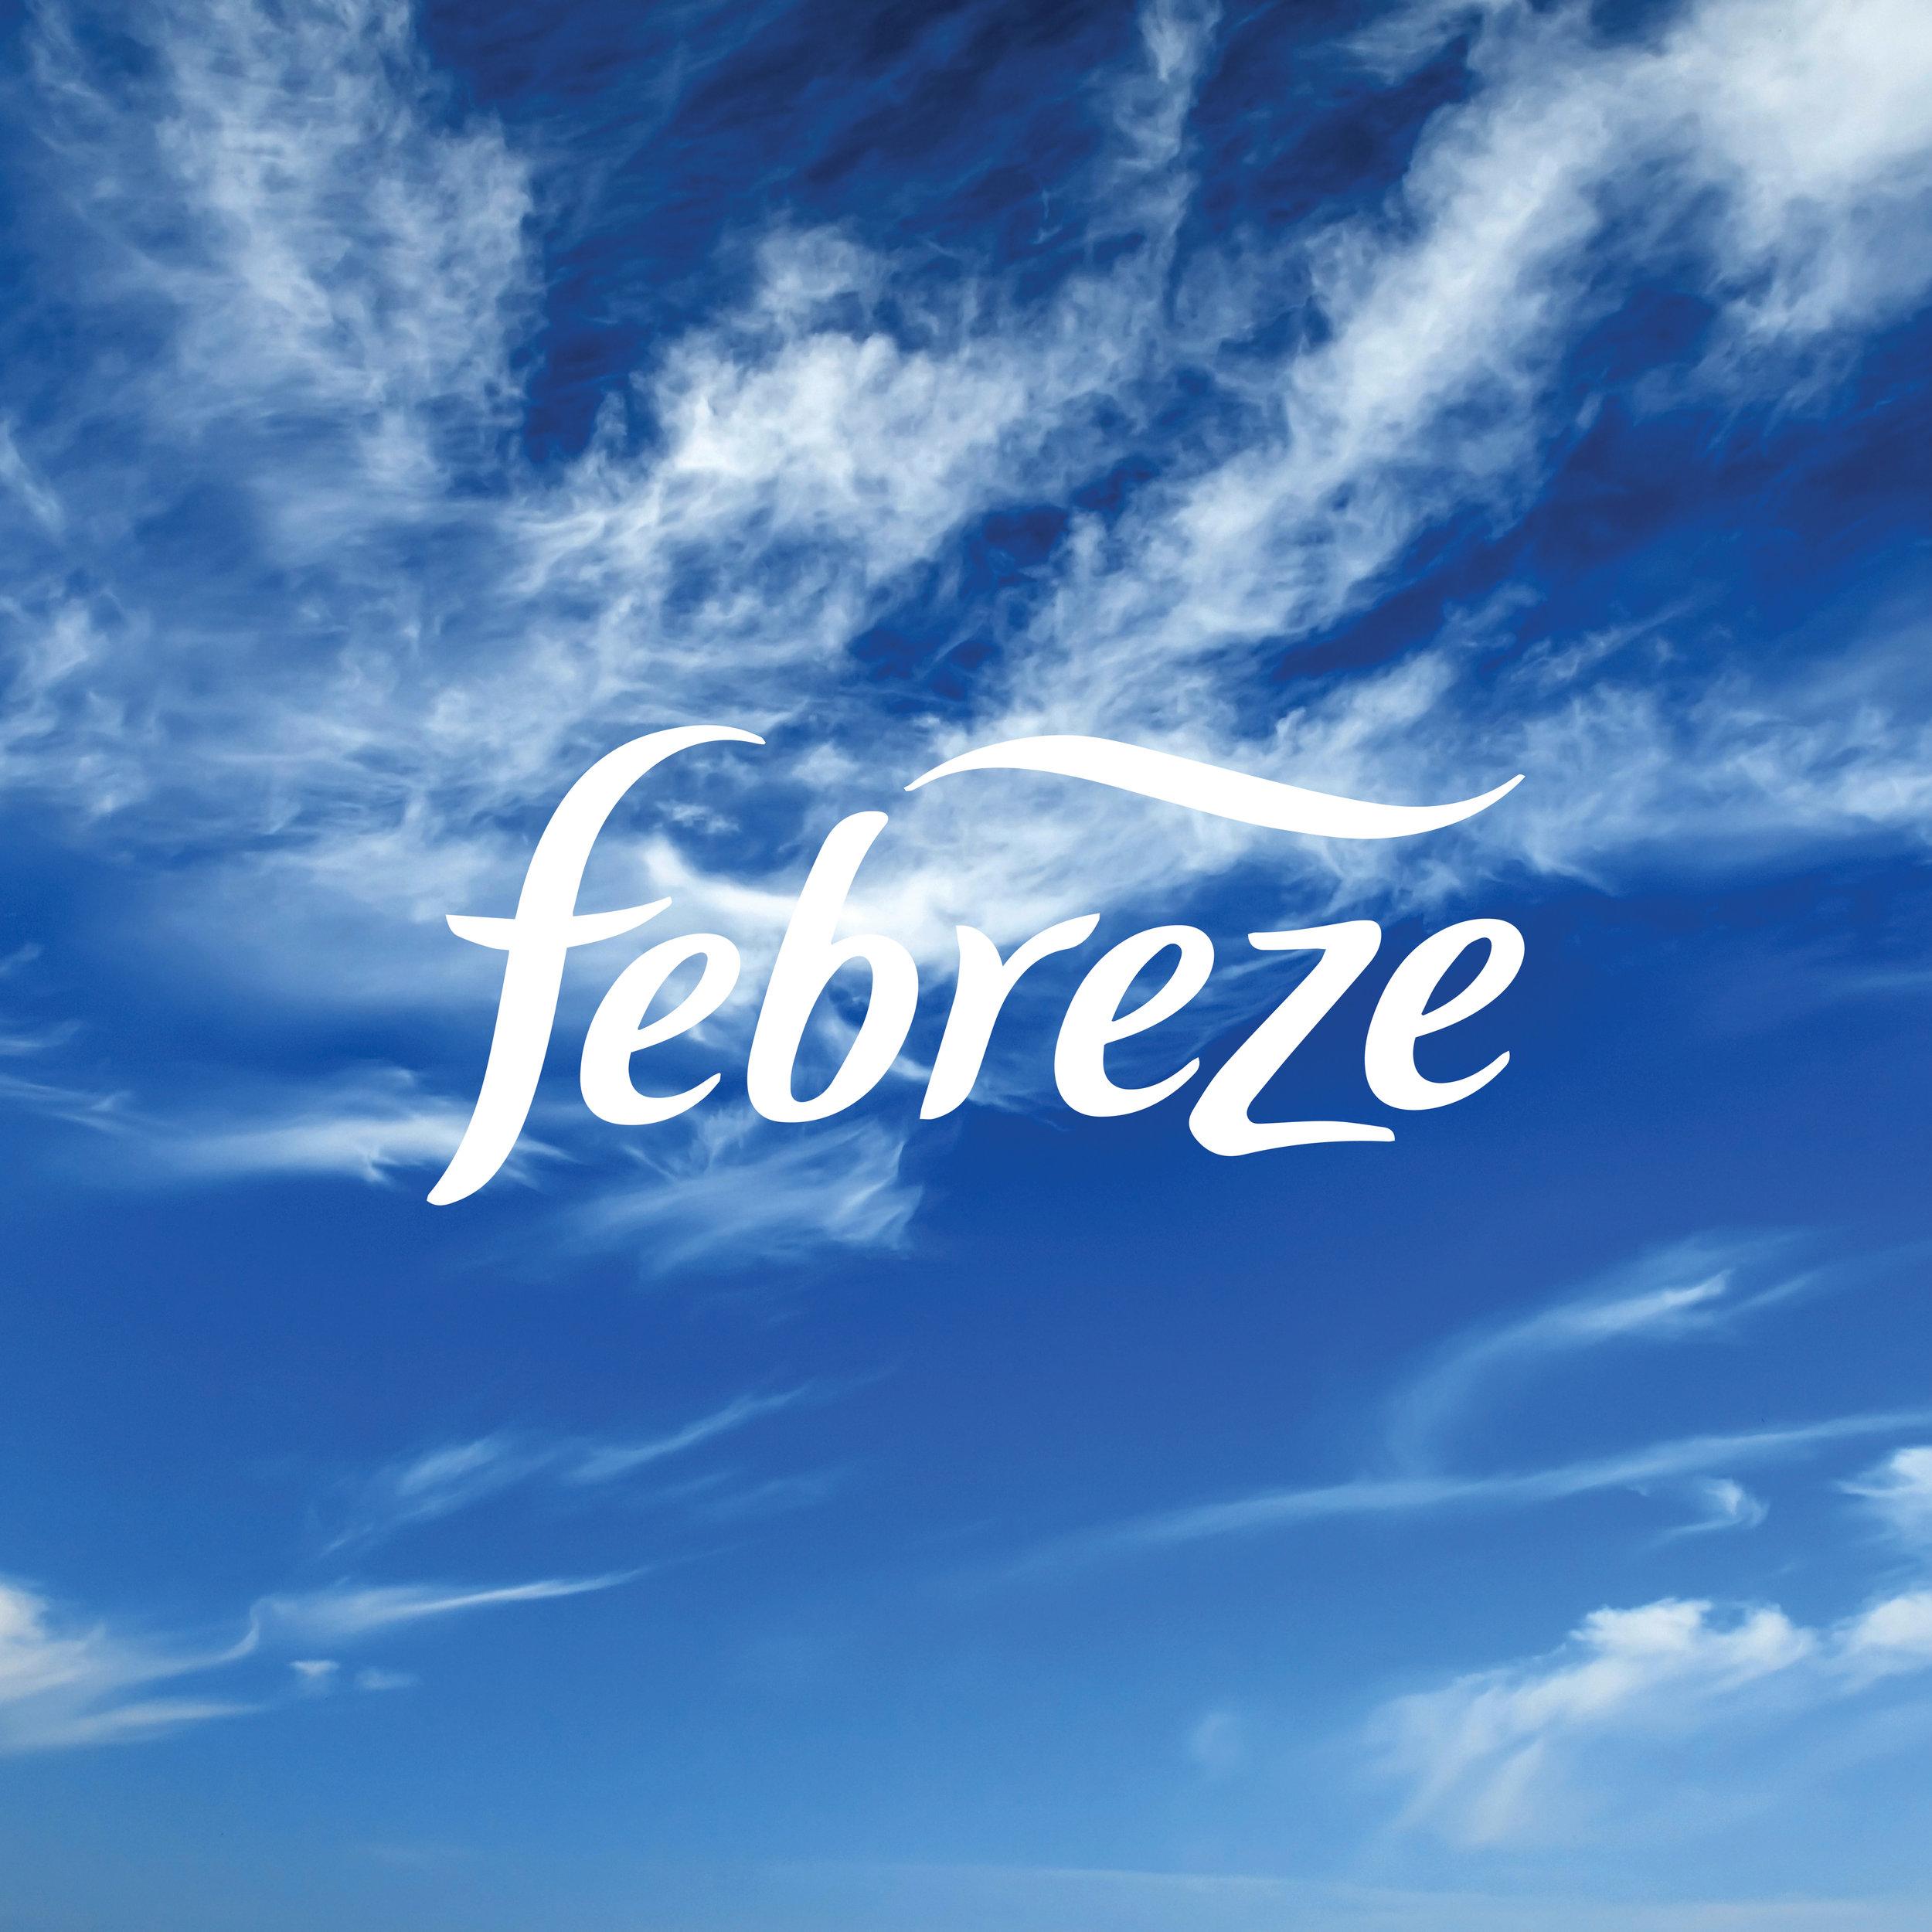 Febreze (P&G)